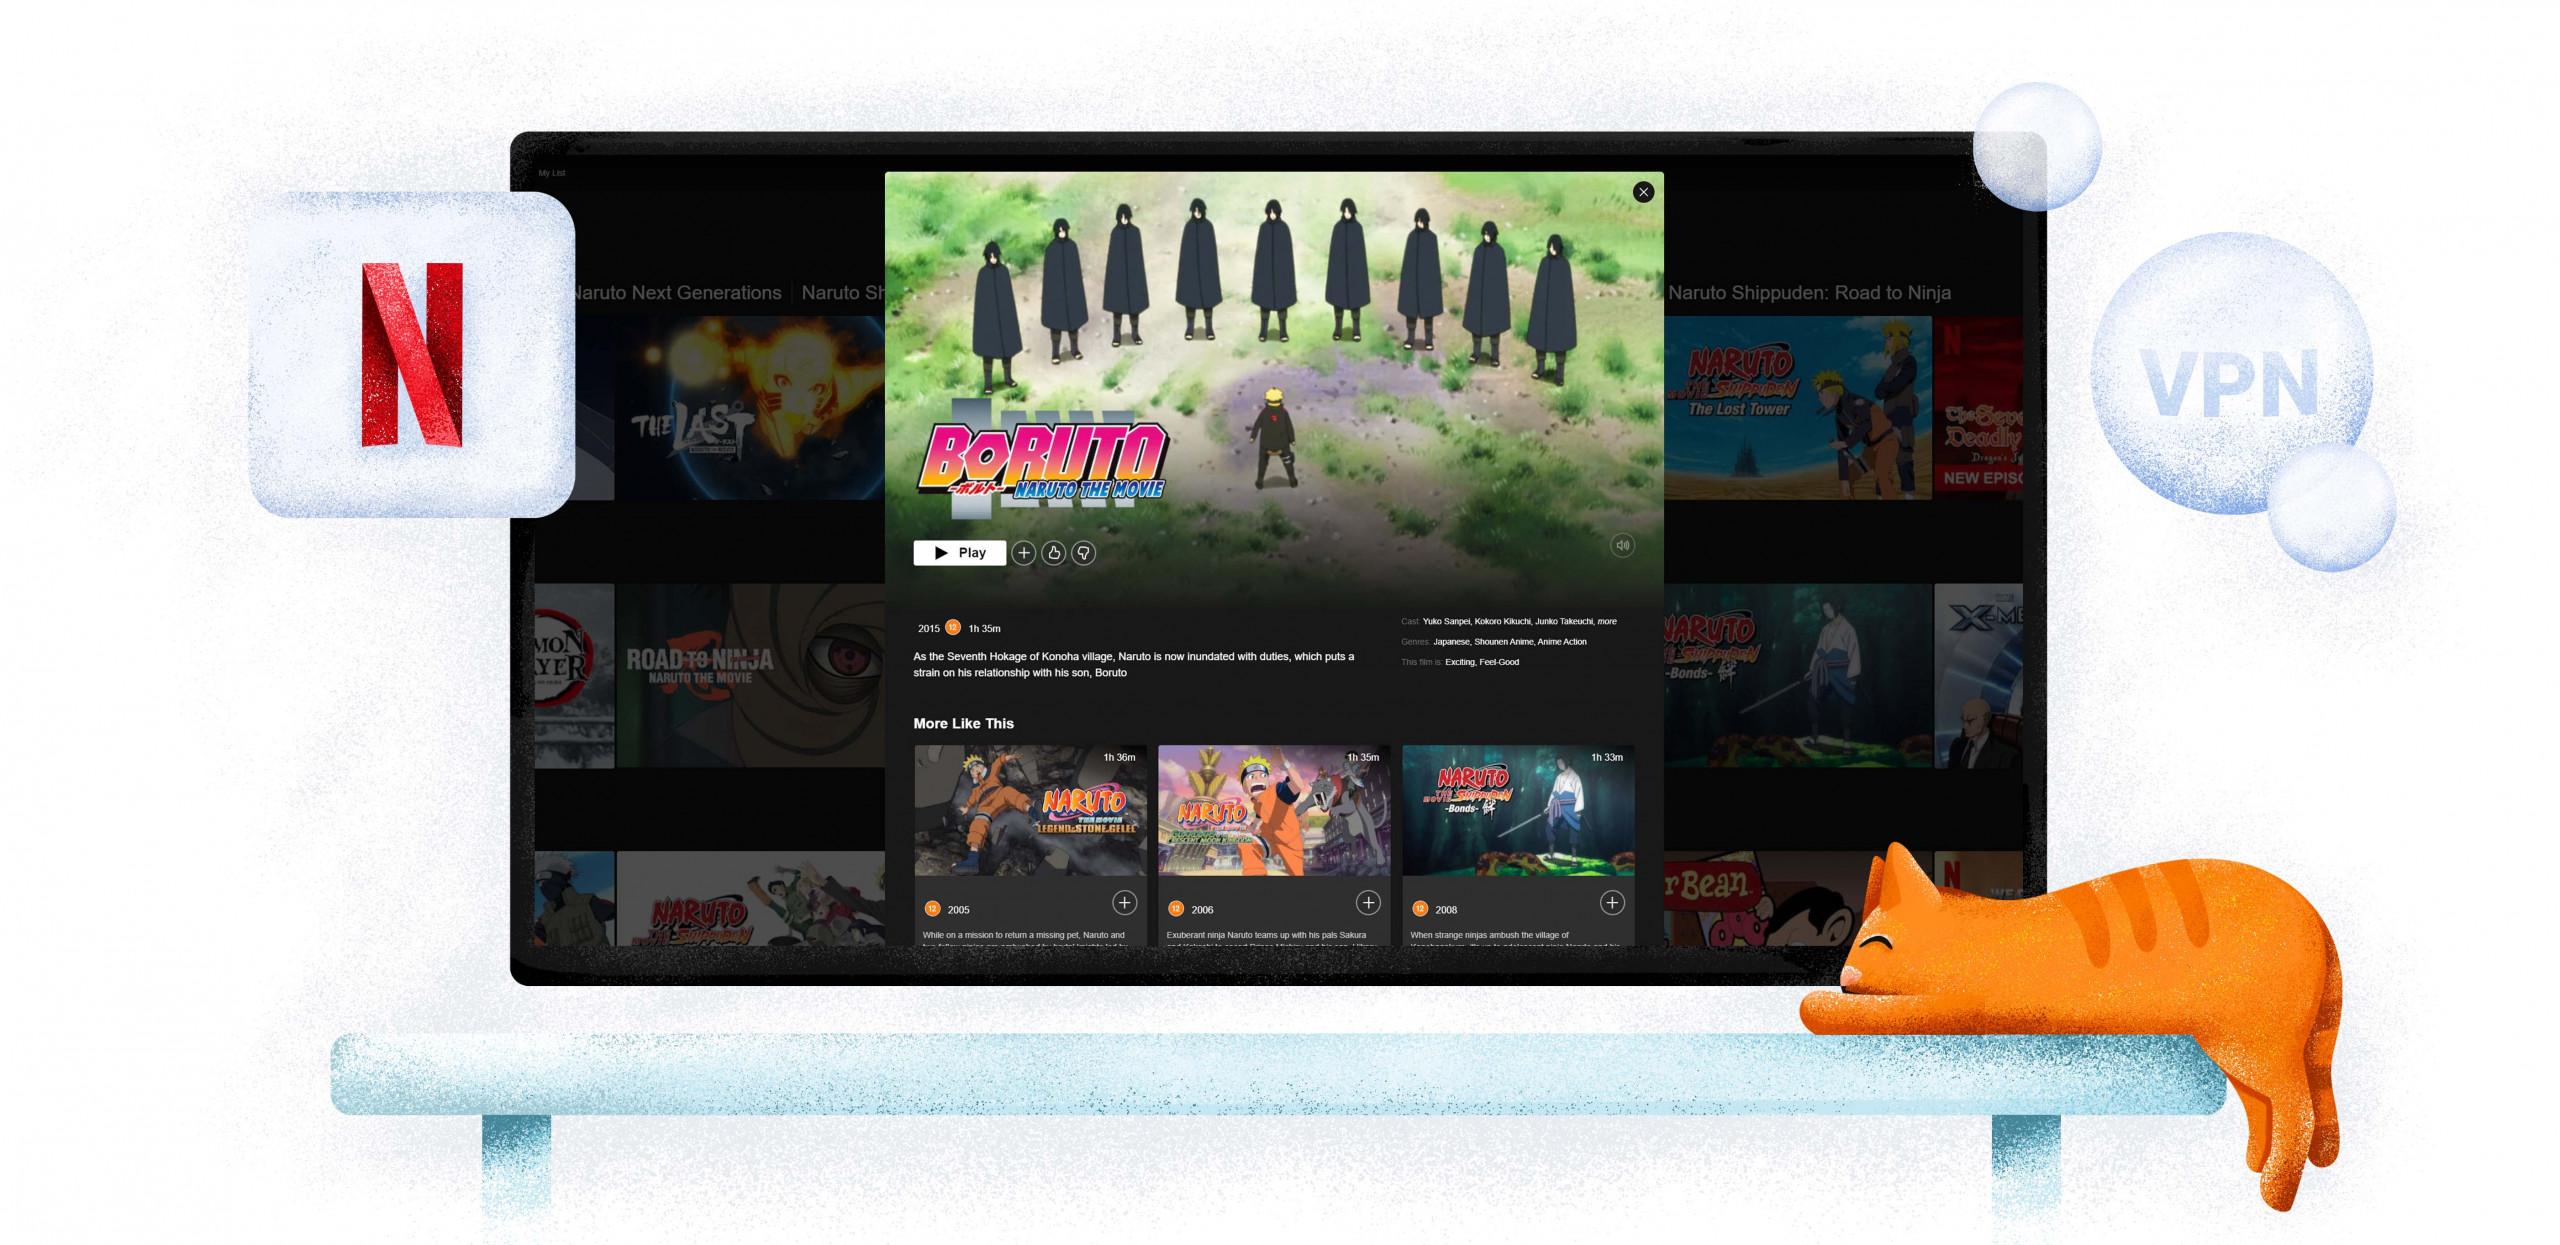 Streamen Sie Naruto-Inhalte auf Netflix mit einem VPN